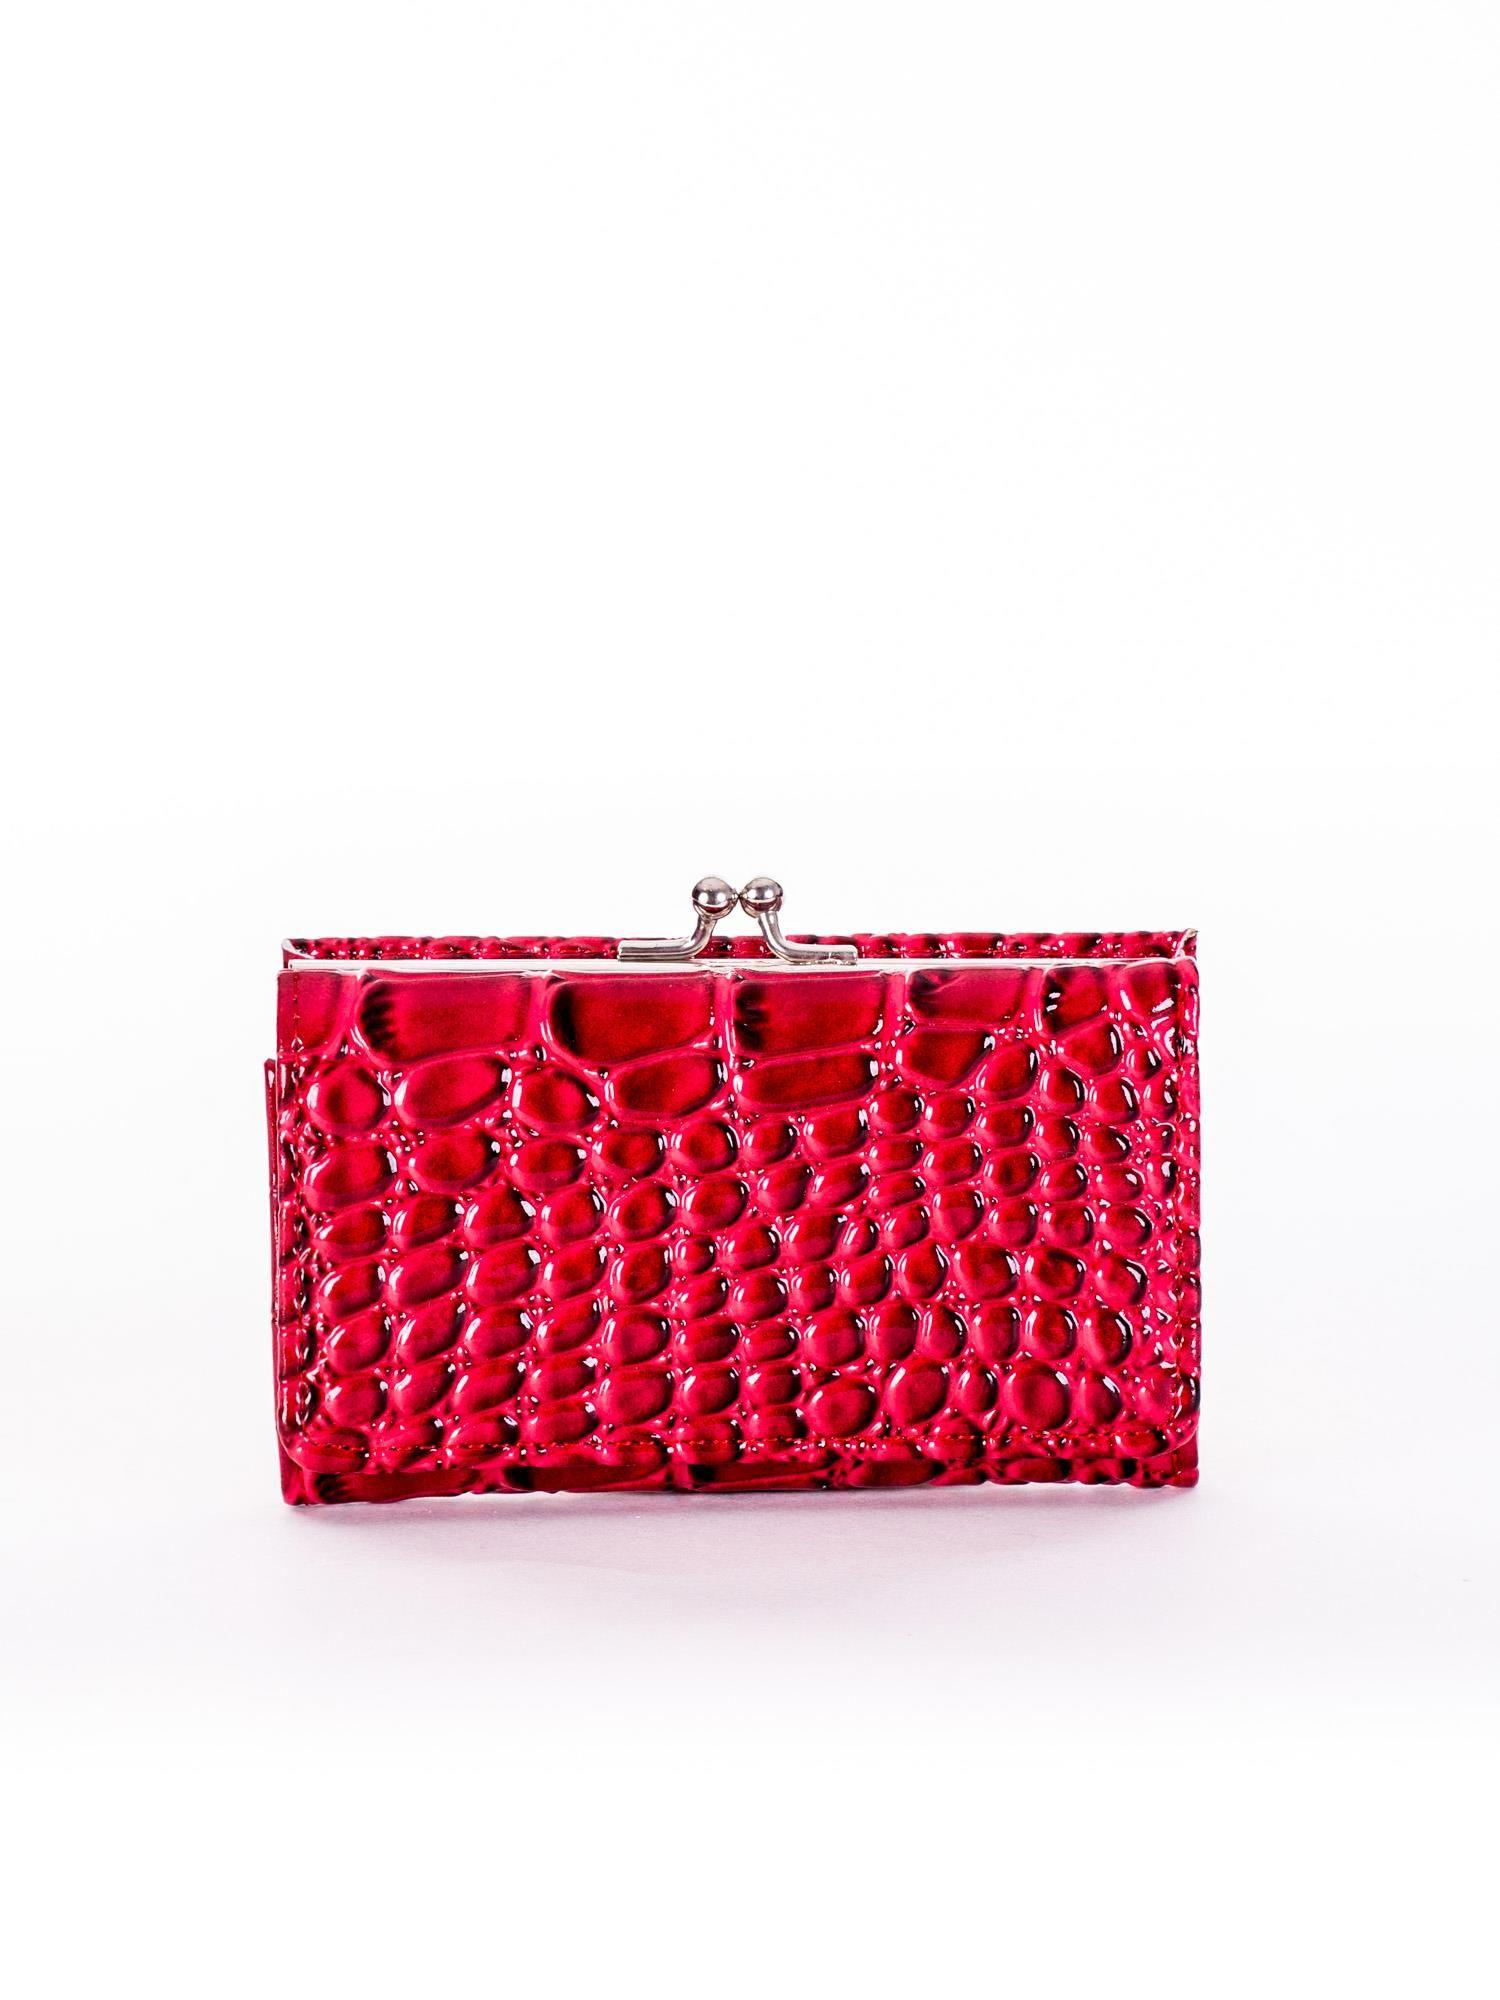 9e132f1f9aad2 Czerwony lakierowany portfel damski z tłoczeniem - Akcesoria ...